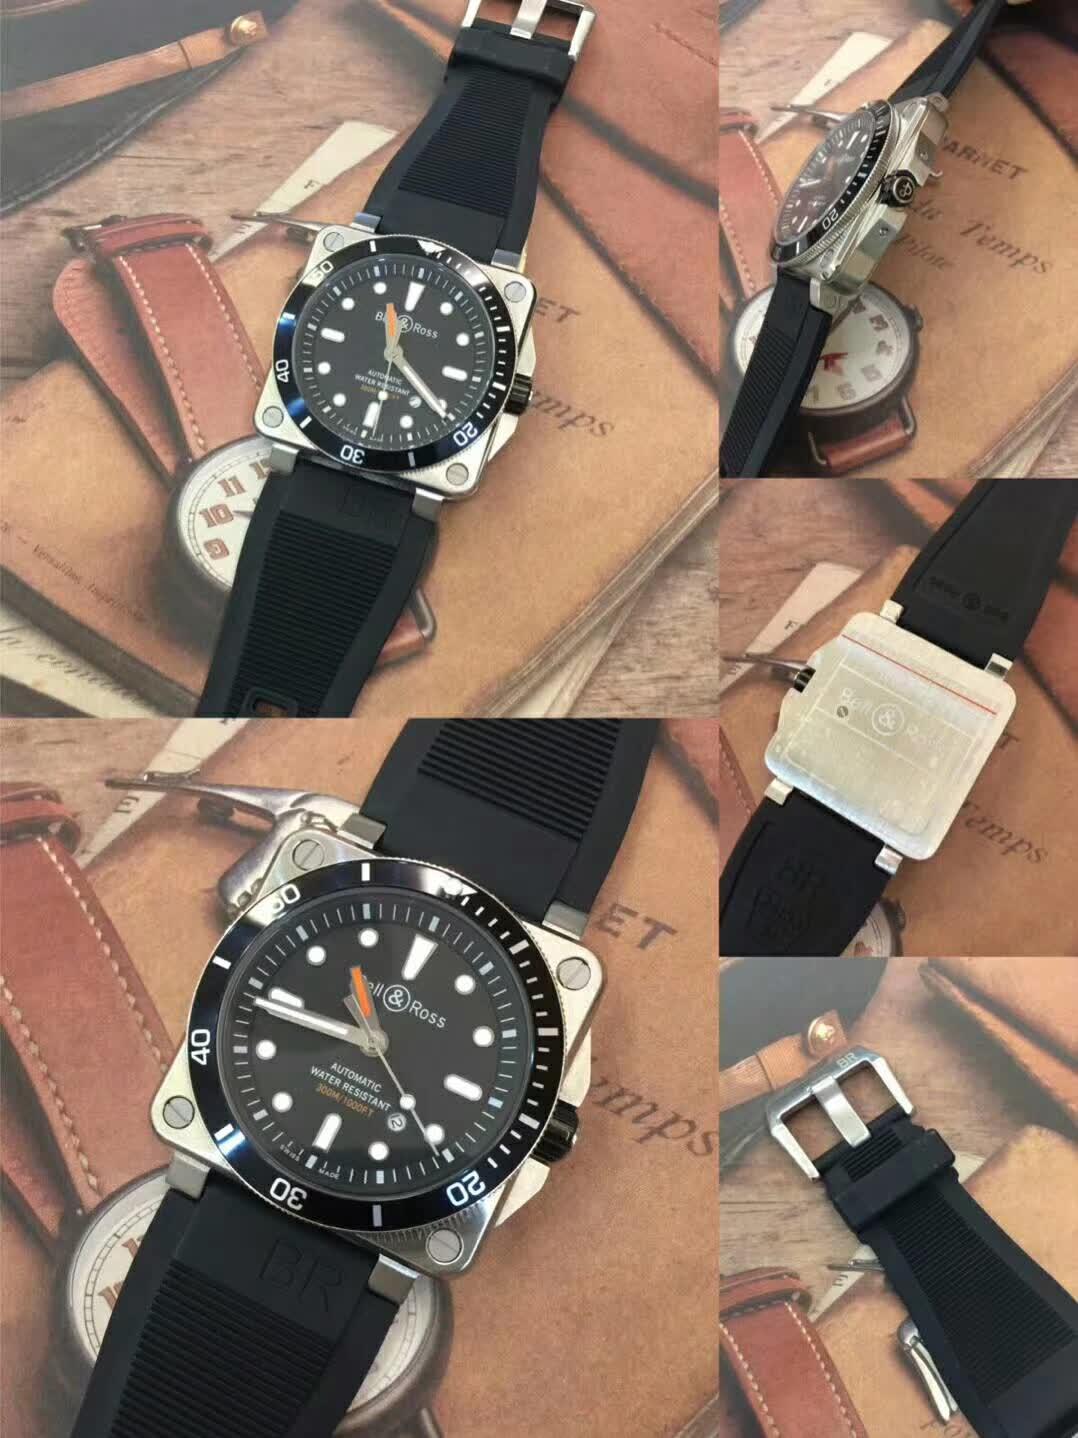 高仿柏莱士INSTRUMENTS系列BR0392-D-BL-ST/SRB腕表图片